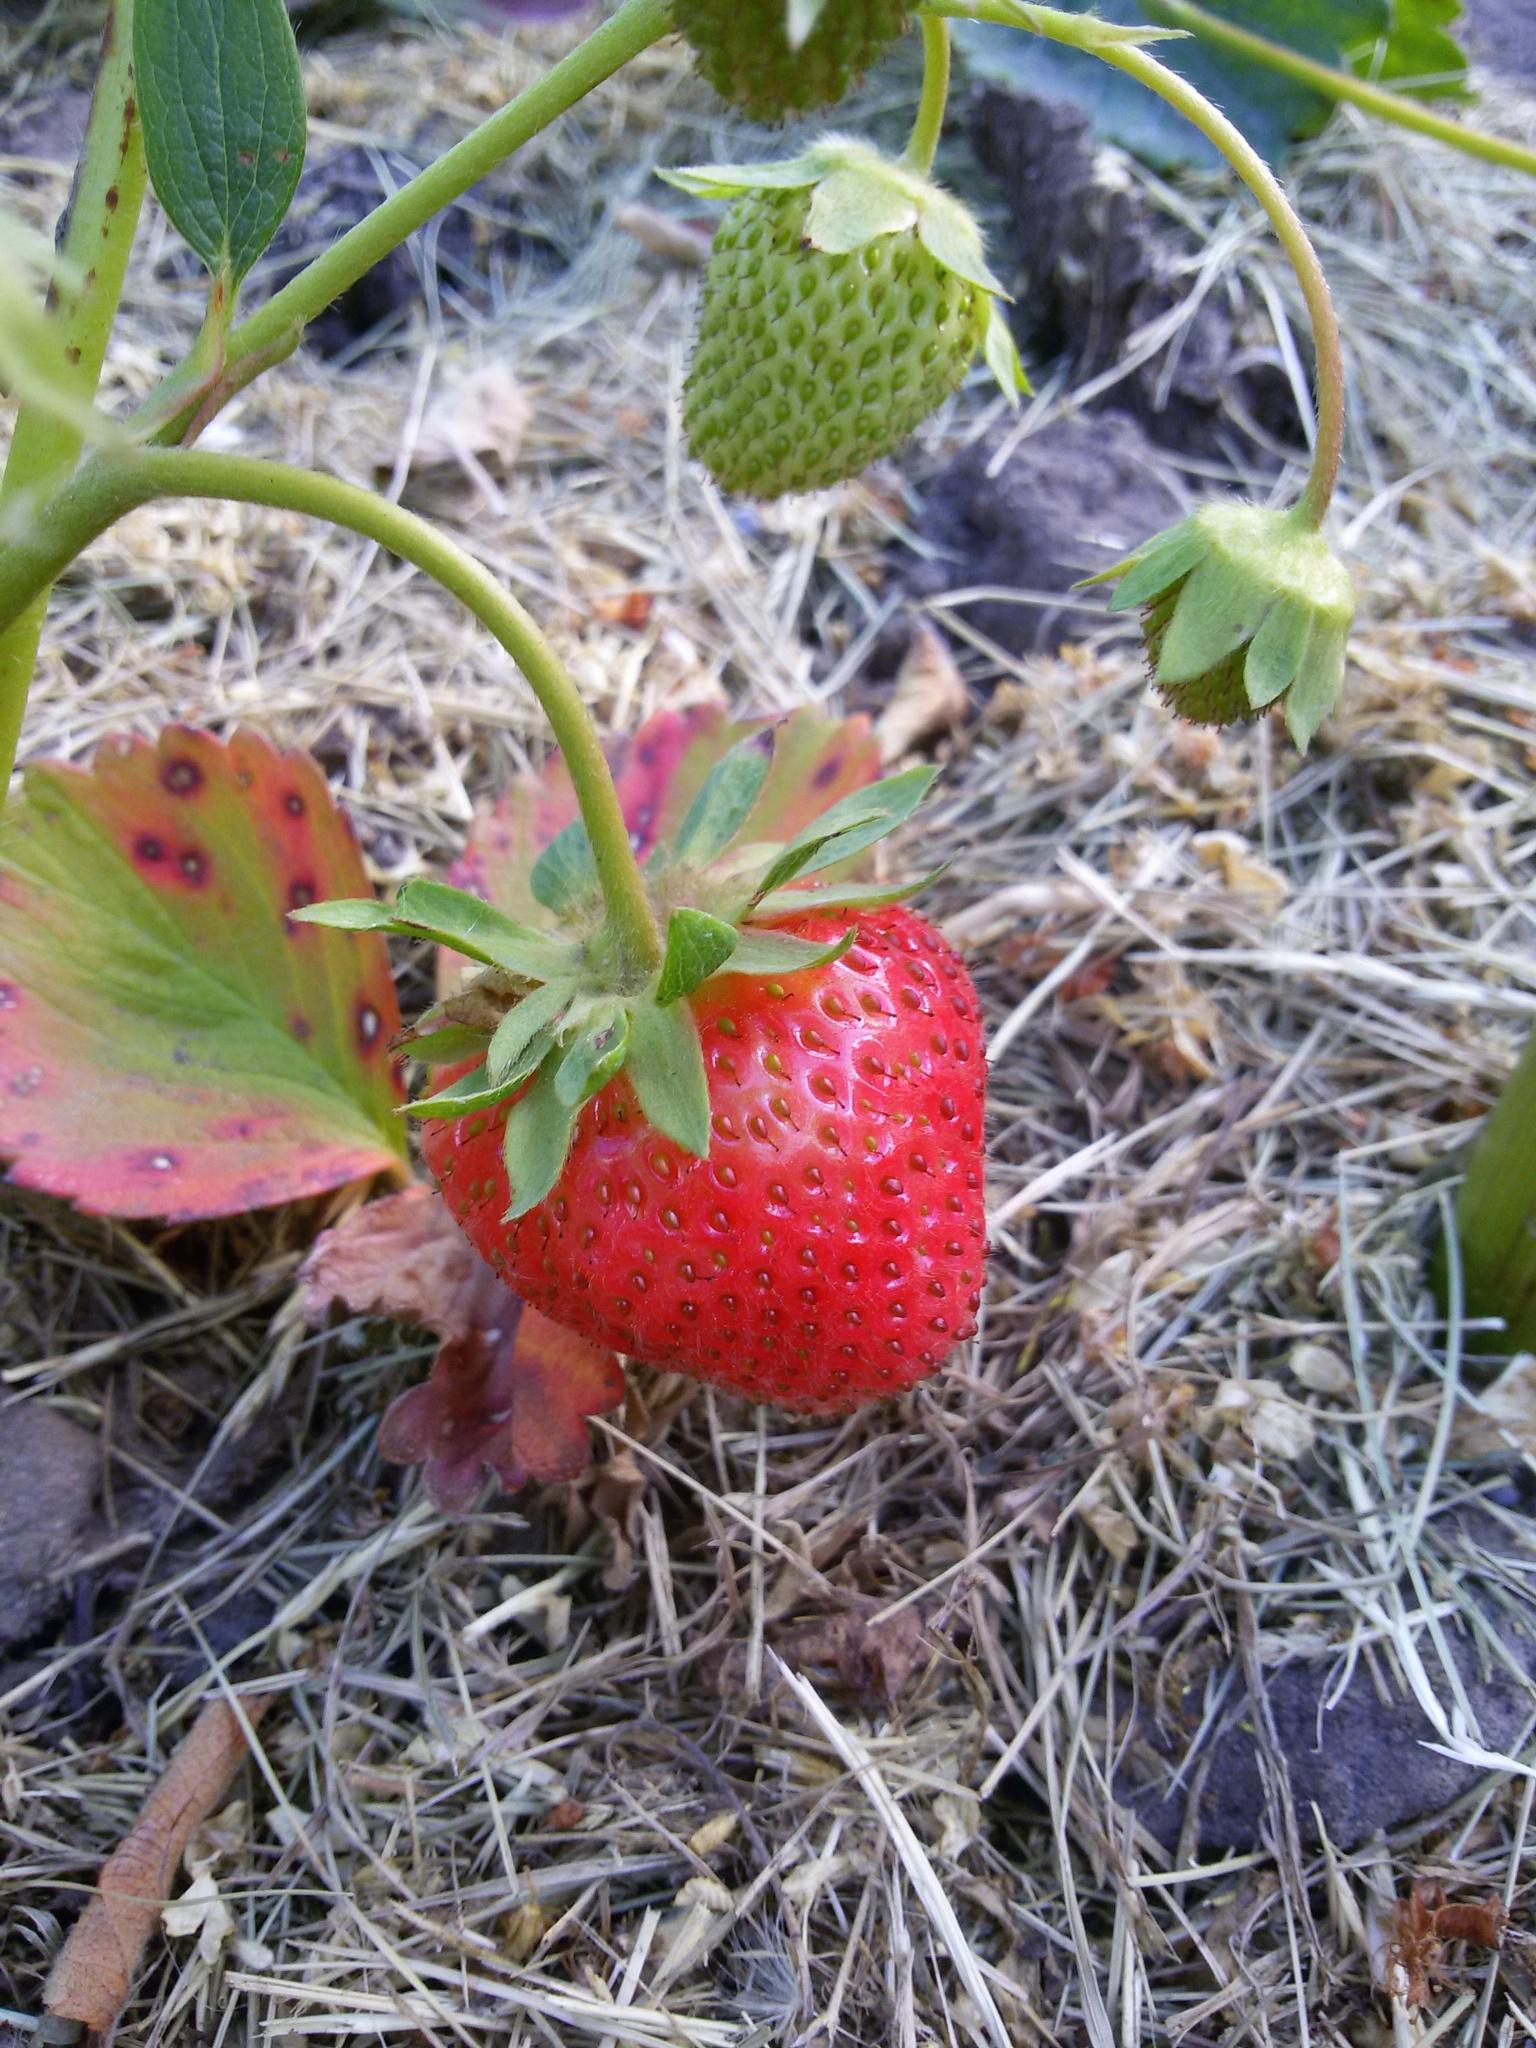 Garden strawberry by uzkuraitiene62